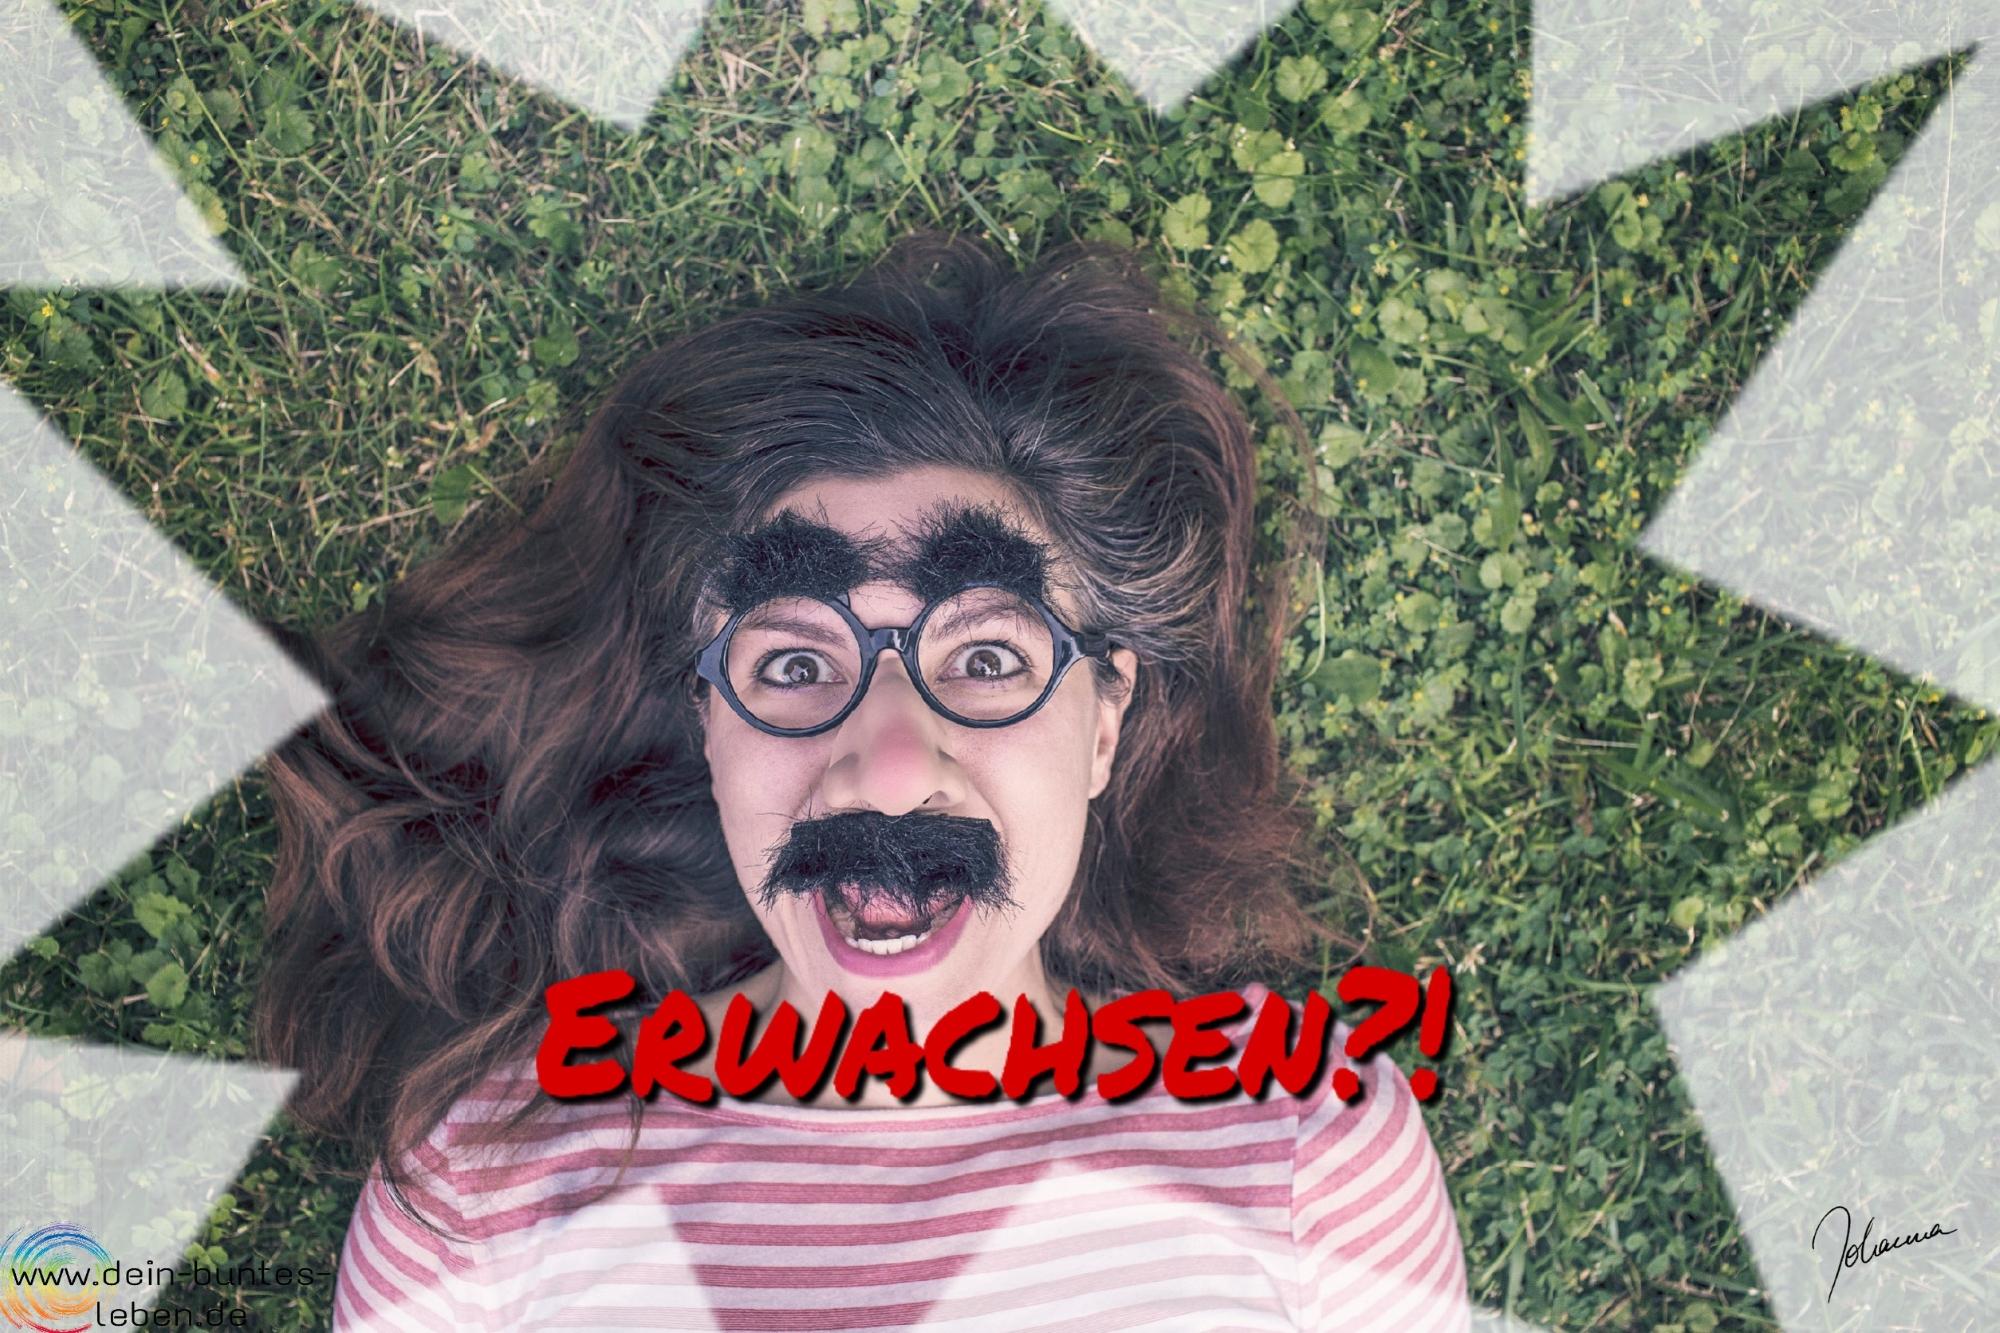 Erwachsen?! als schriftzug auf einem Photo einer Frau mit Groucho-Marx-Maske. (c)2017 Johanna Ringe www.dein-buntes-leben.de